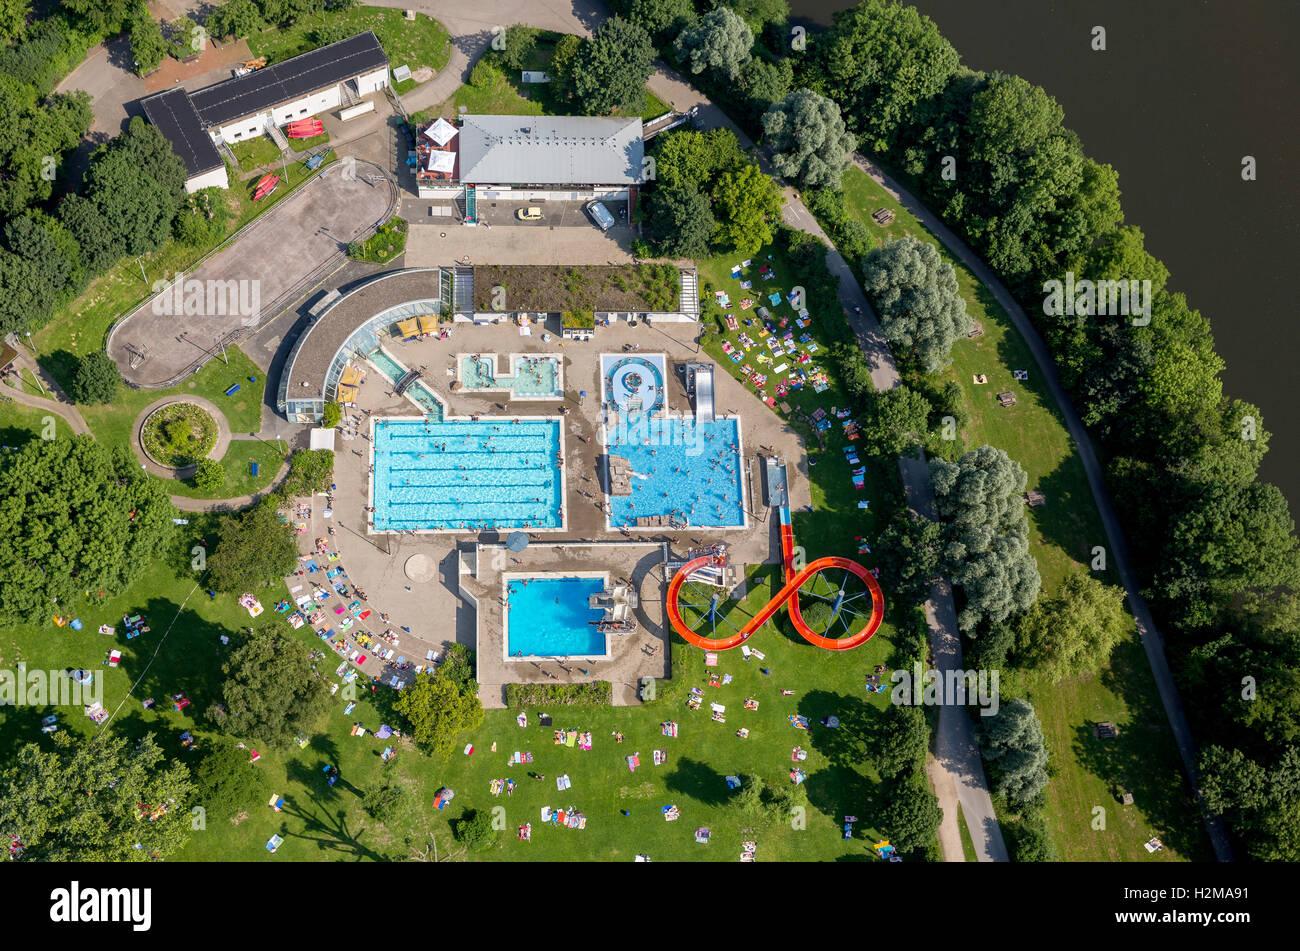 Aerial view, pool, Herdecke, Ruhr area, North Rhine-Westphalia, Germany, Europe, Aerial view, birds-eyes view, aerial - Stock Image